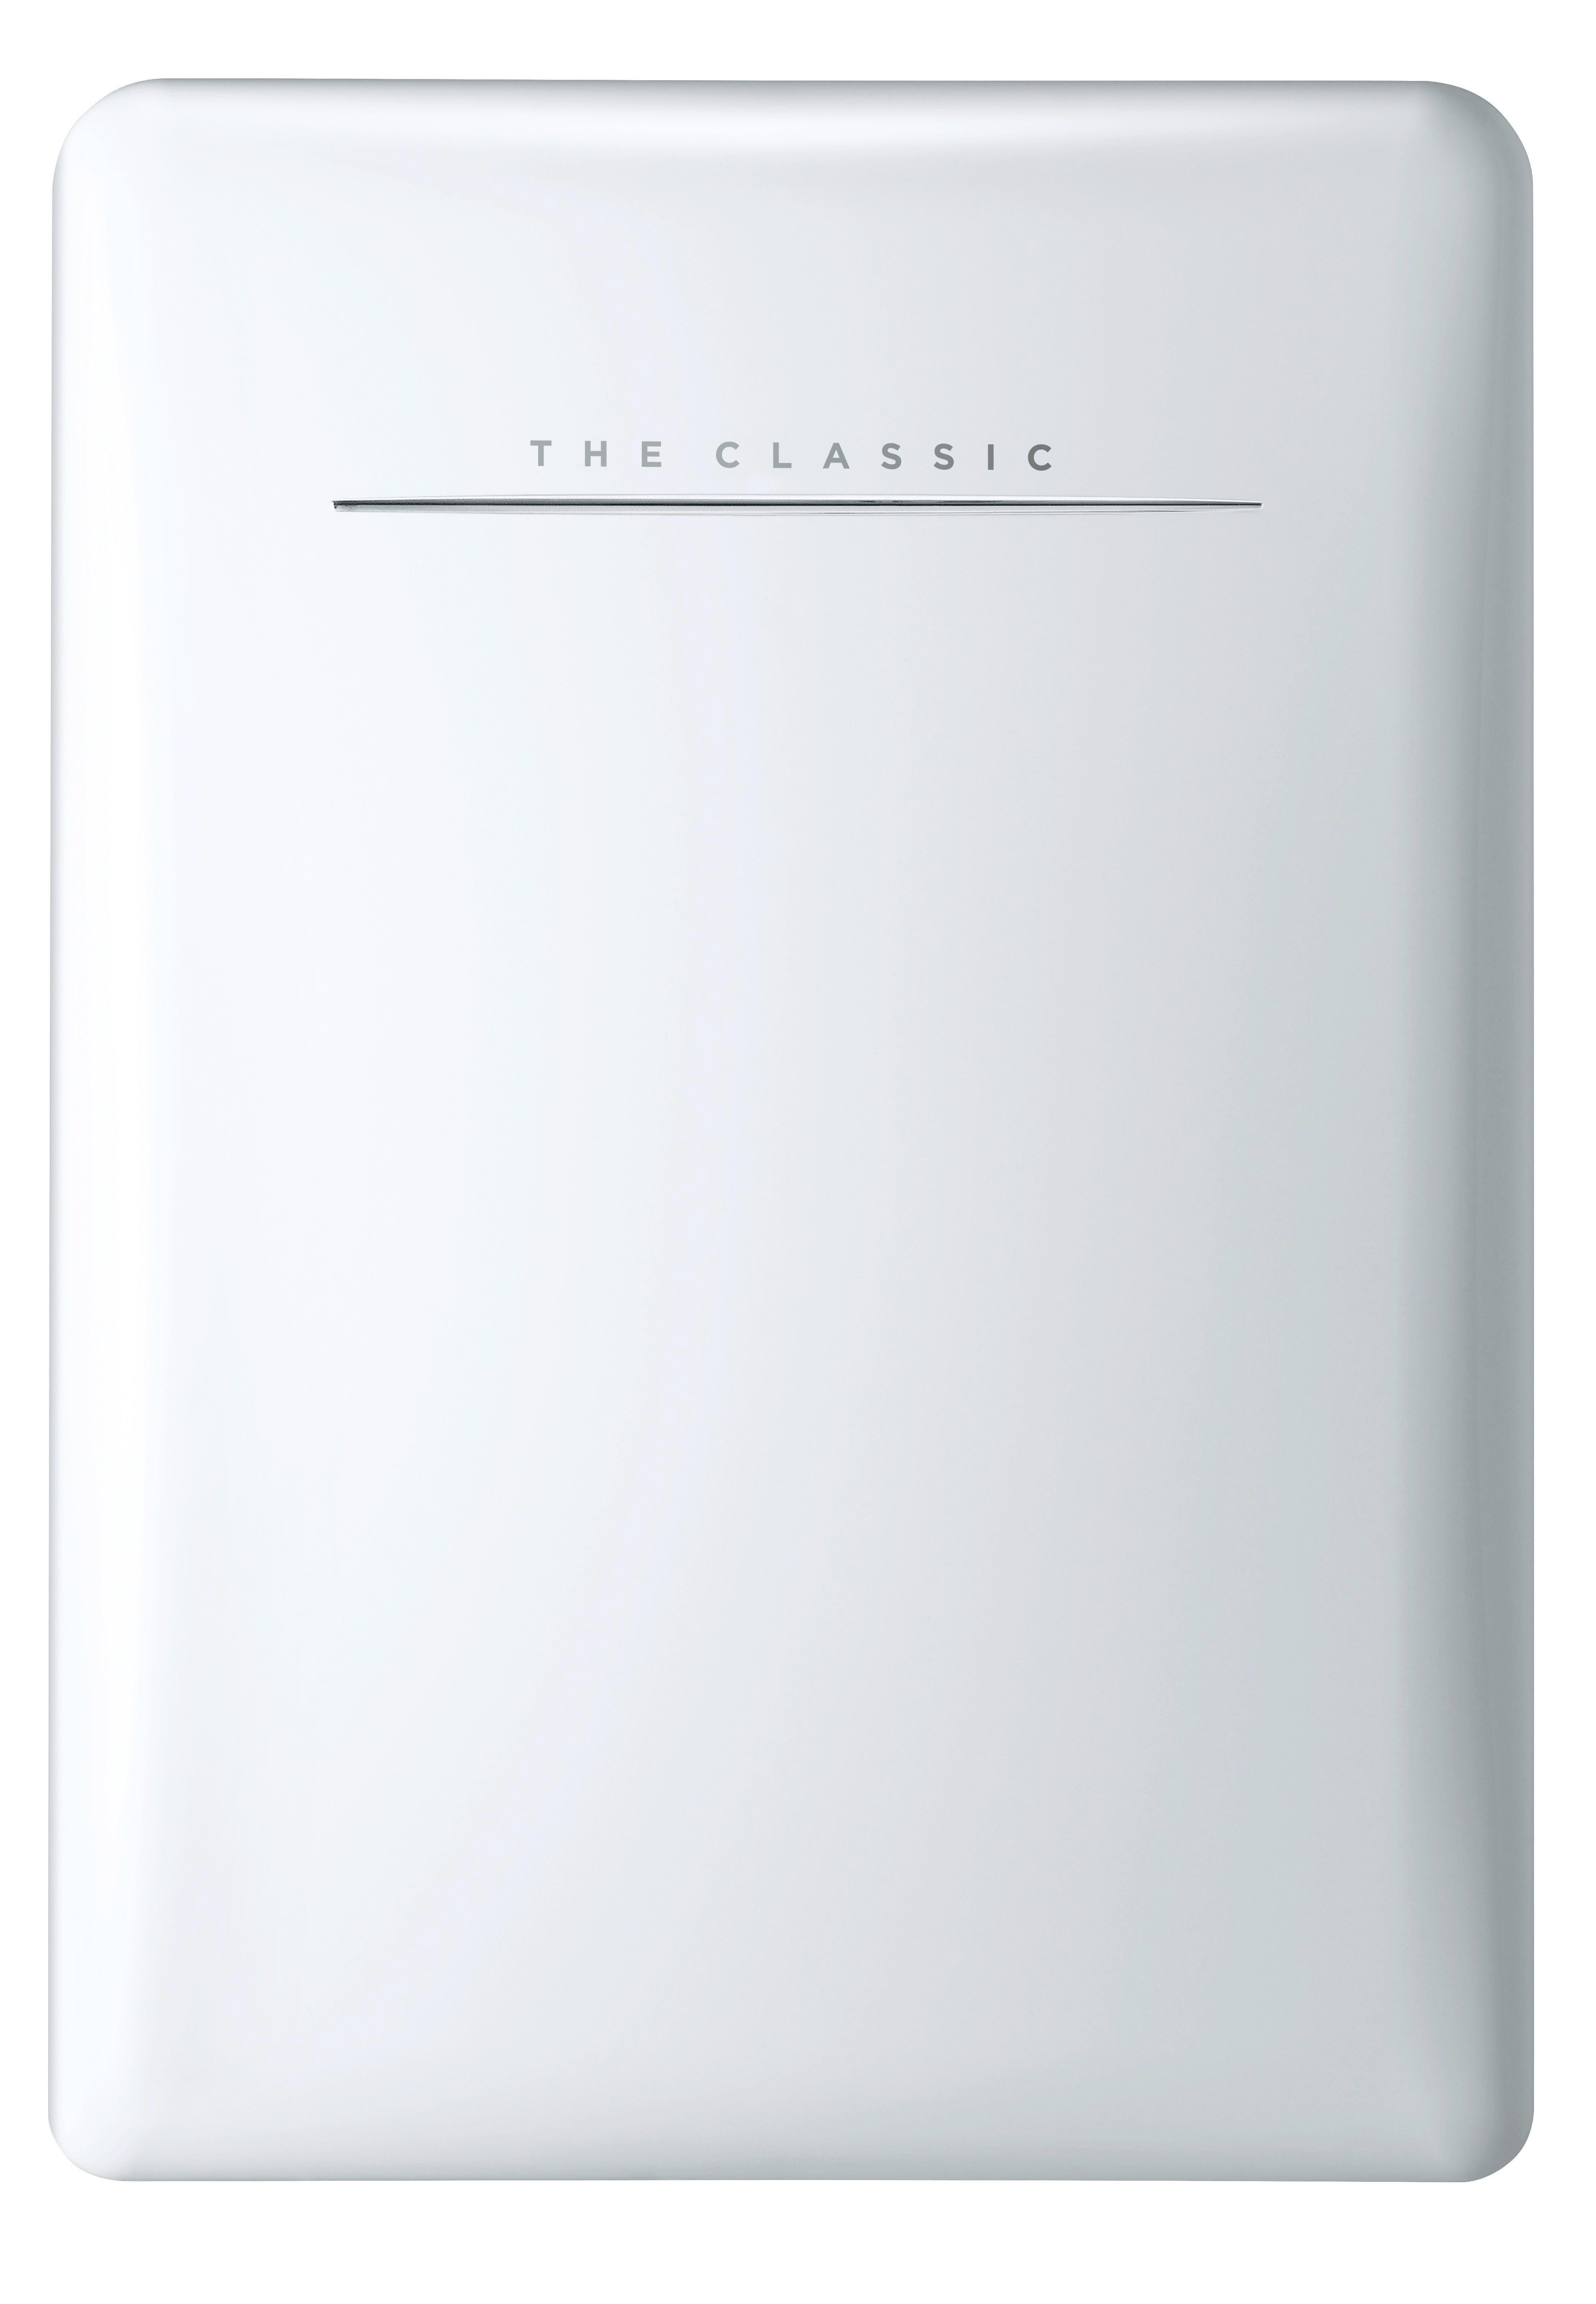 Retro Kühlschrank Weiss : Bikitchen kühlschrank retro cool weiß online kaufen ➤ möbelix